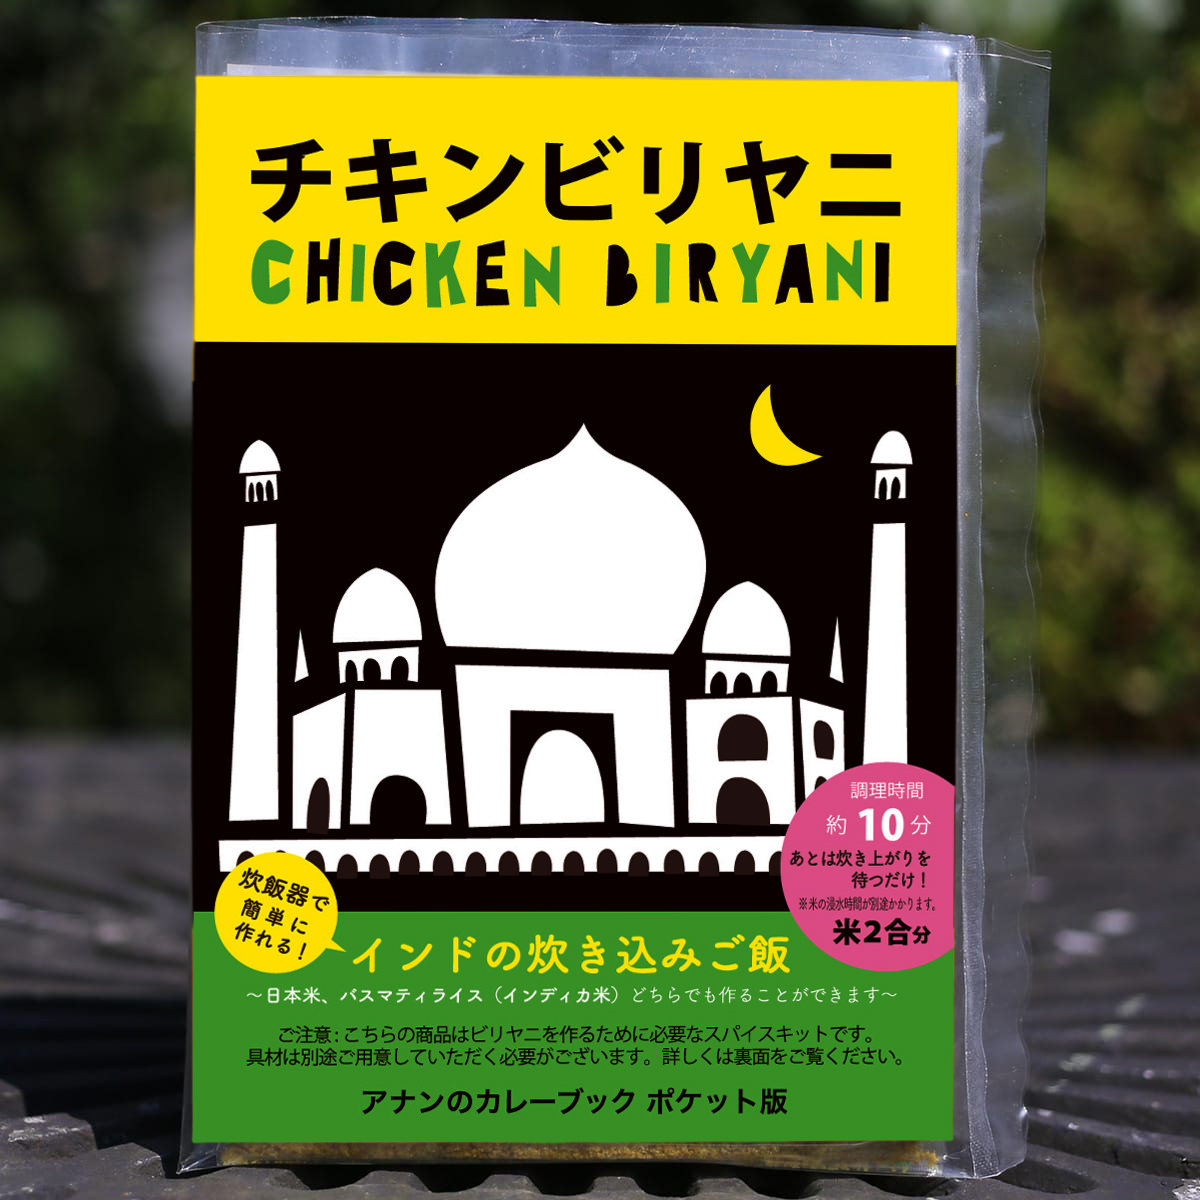 20種類のスパイス付き!炊飯器と日本米からビリヤニが作れる「ビリヤニブック」が送料込みで1,098円